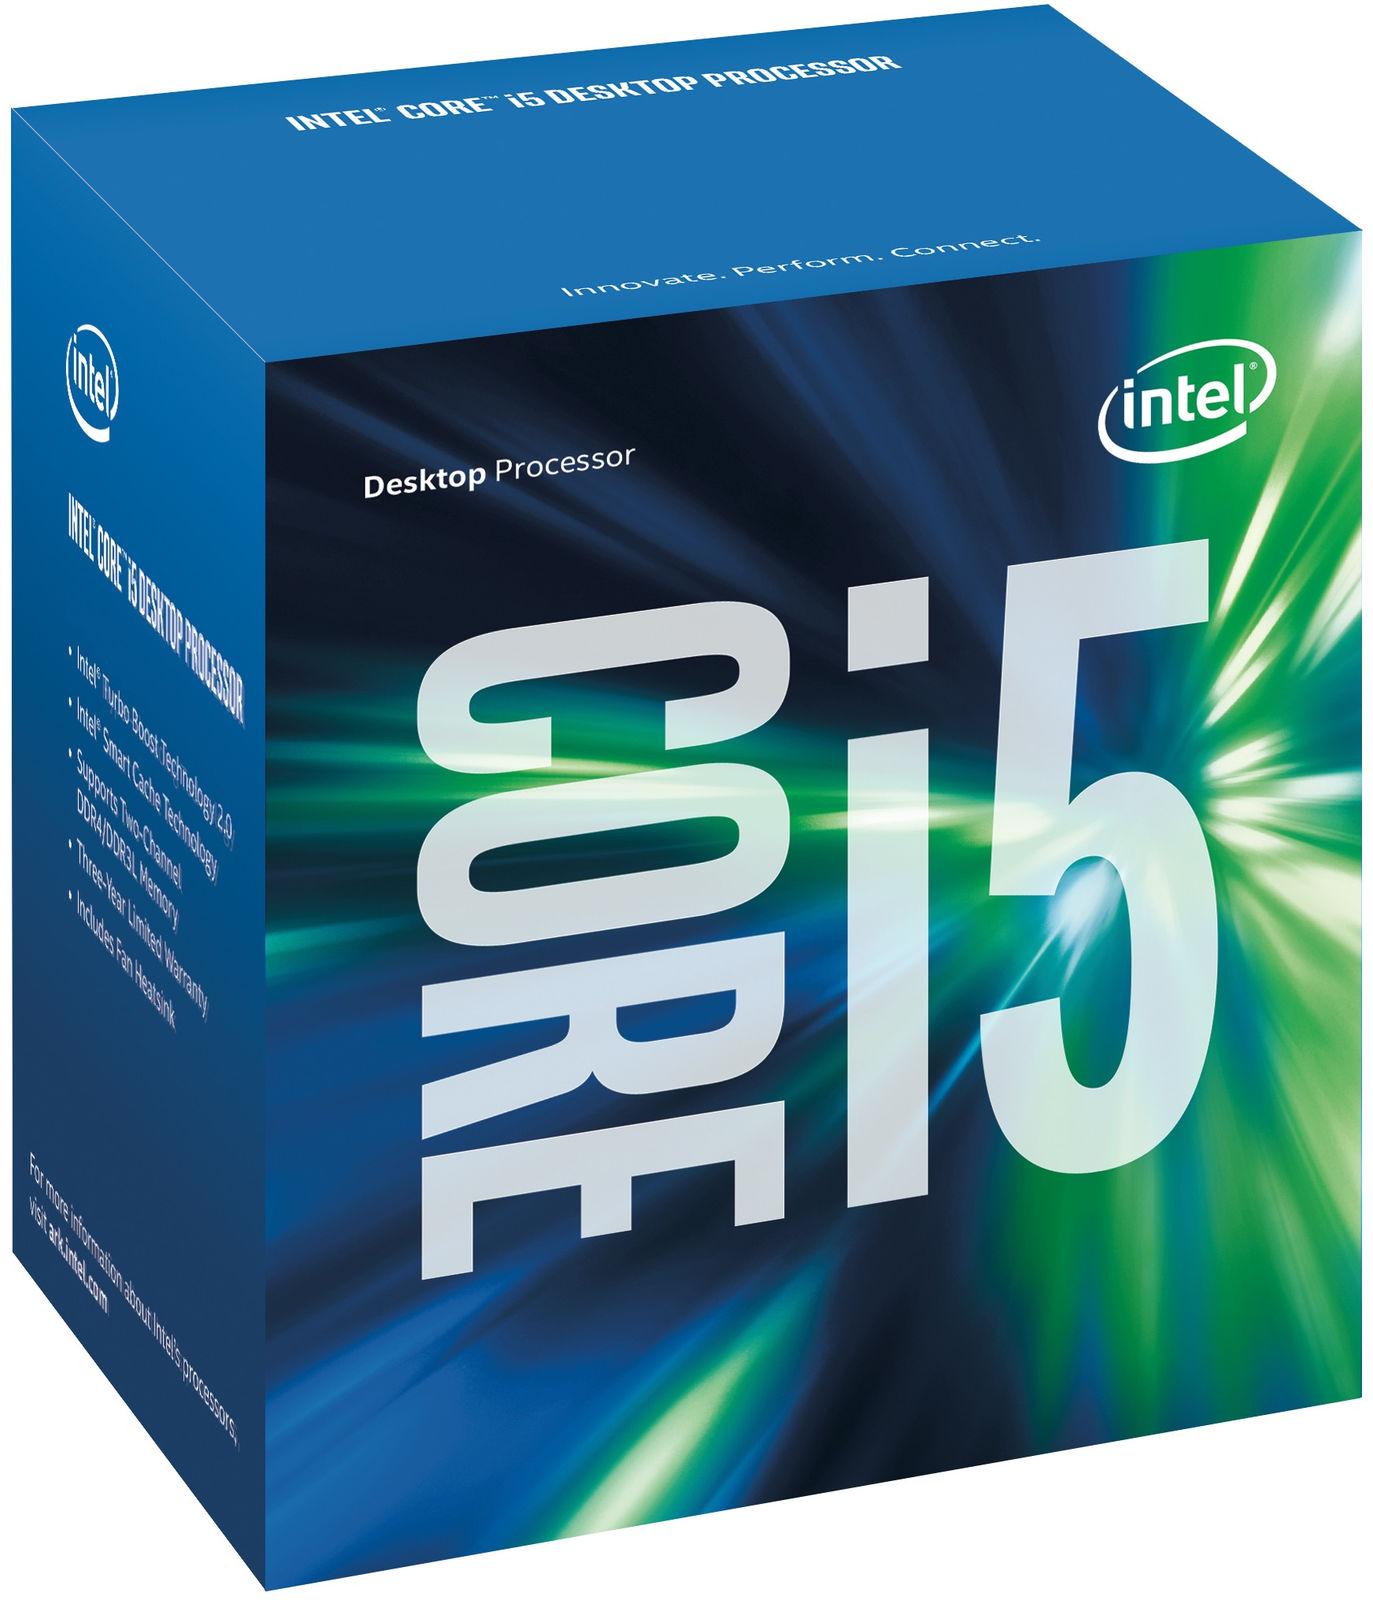 Intel Core i5-7500 processor 3.4 GHz Box 6 MB Smart Cache